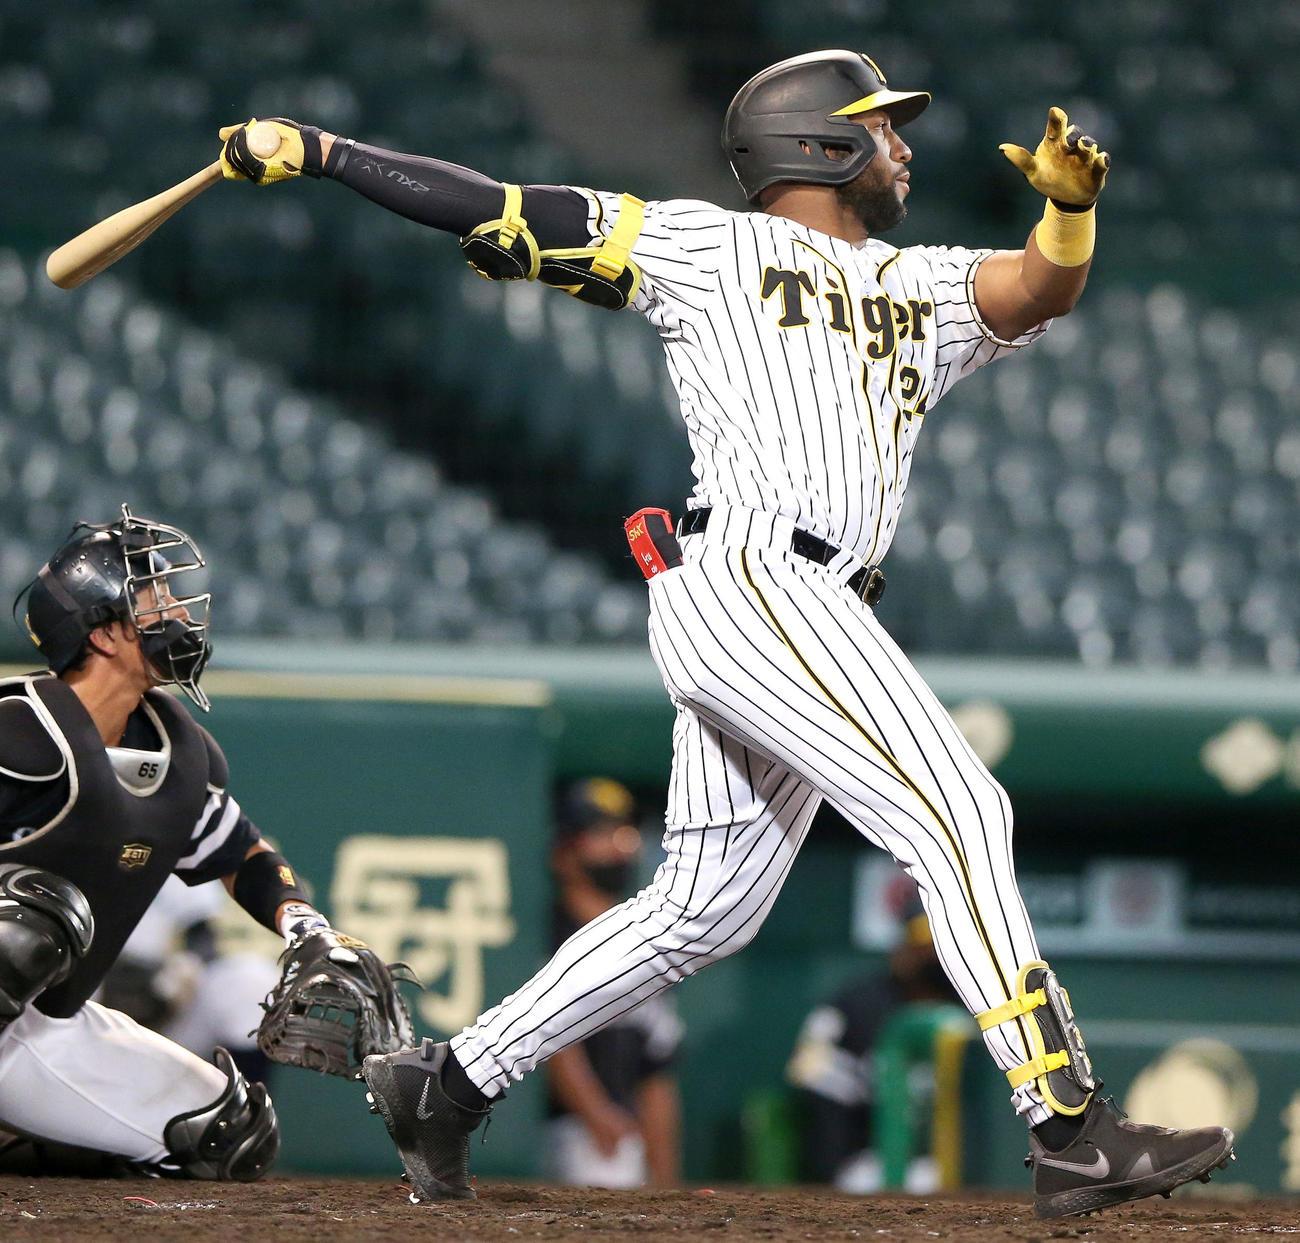 ウエスタン・リーグ阪神対ソフトバンク 5回裏阪神1死二塁、メル・ロハス・ジュニアは左越え2点本塁打を放つ(撮影・上山淳一)